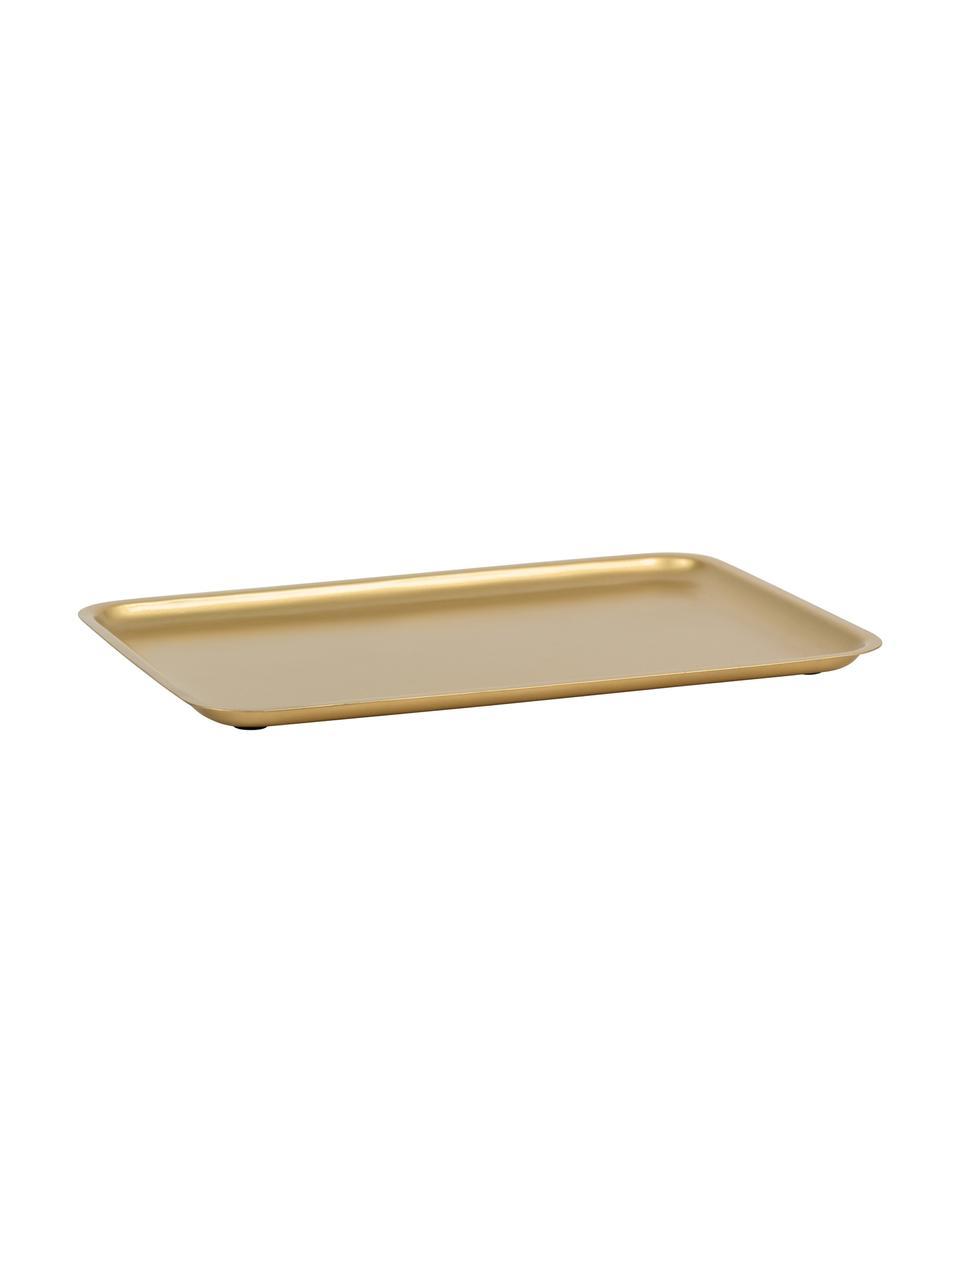 Tablett Good Morning in Gold, B 23 x L 34 cm, Metall, beschichtet, Messingfarben, B 34 x T 23 cm